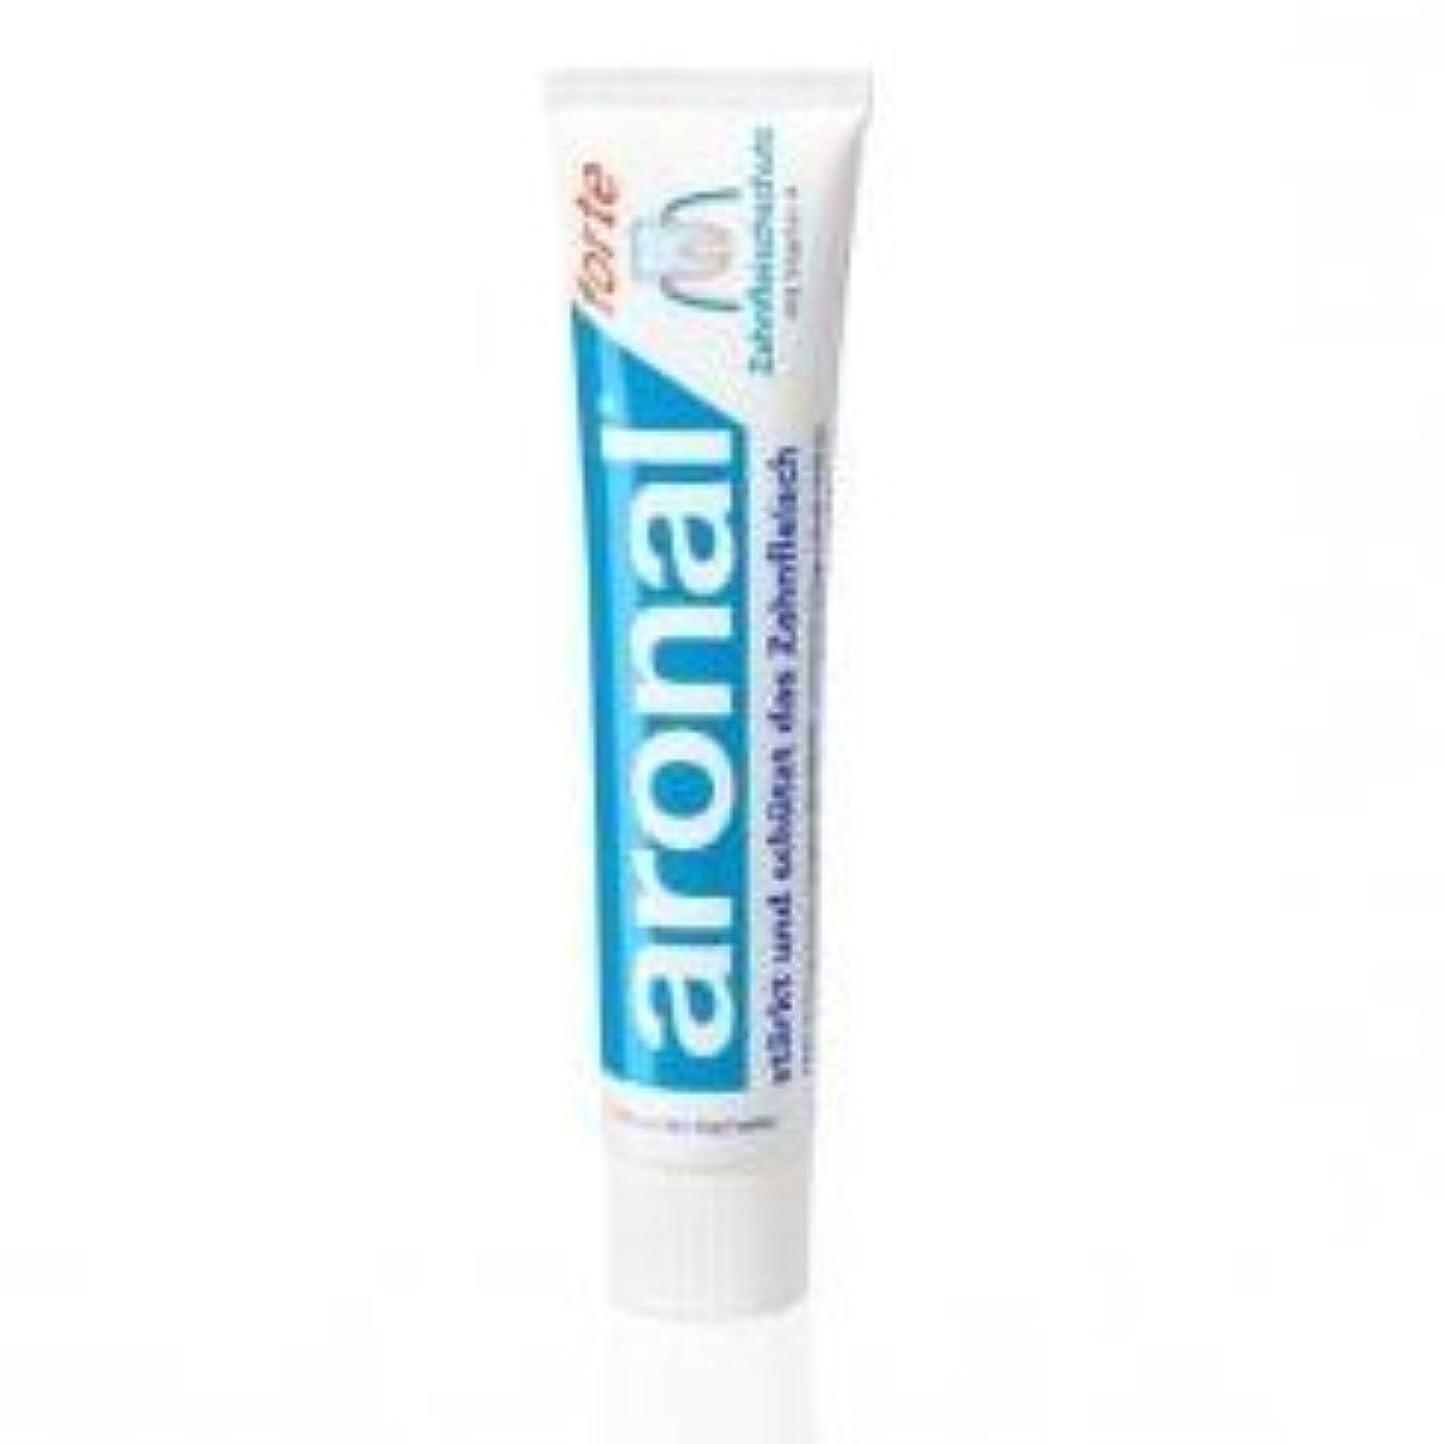 レンダー見つける誰アロナール(ビタミンA配合) 歯磨き粉 75ml x 1Pack (elmex aronal toothpaste 75ml) 【並行輸入品】